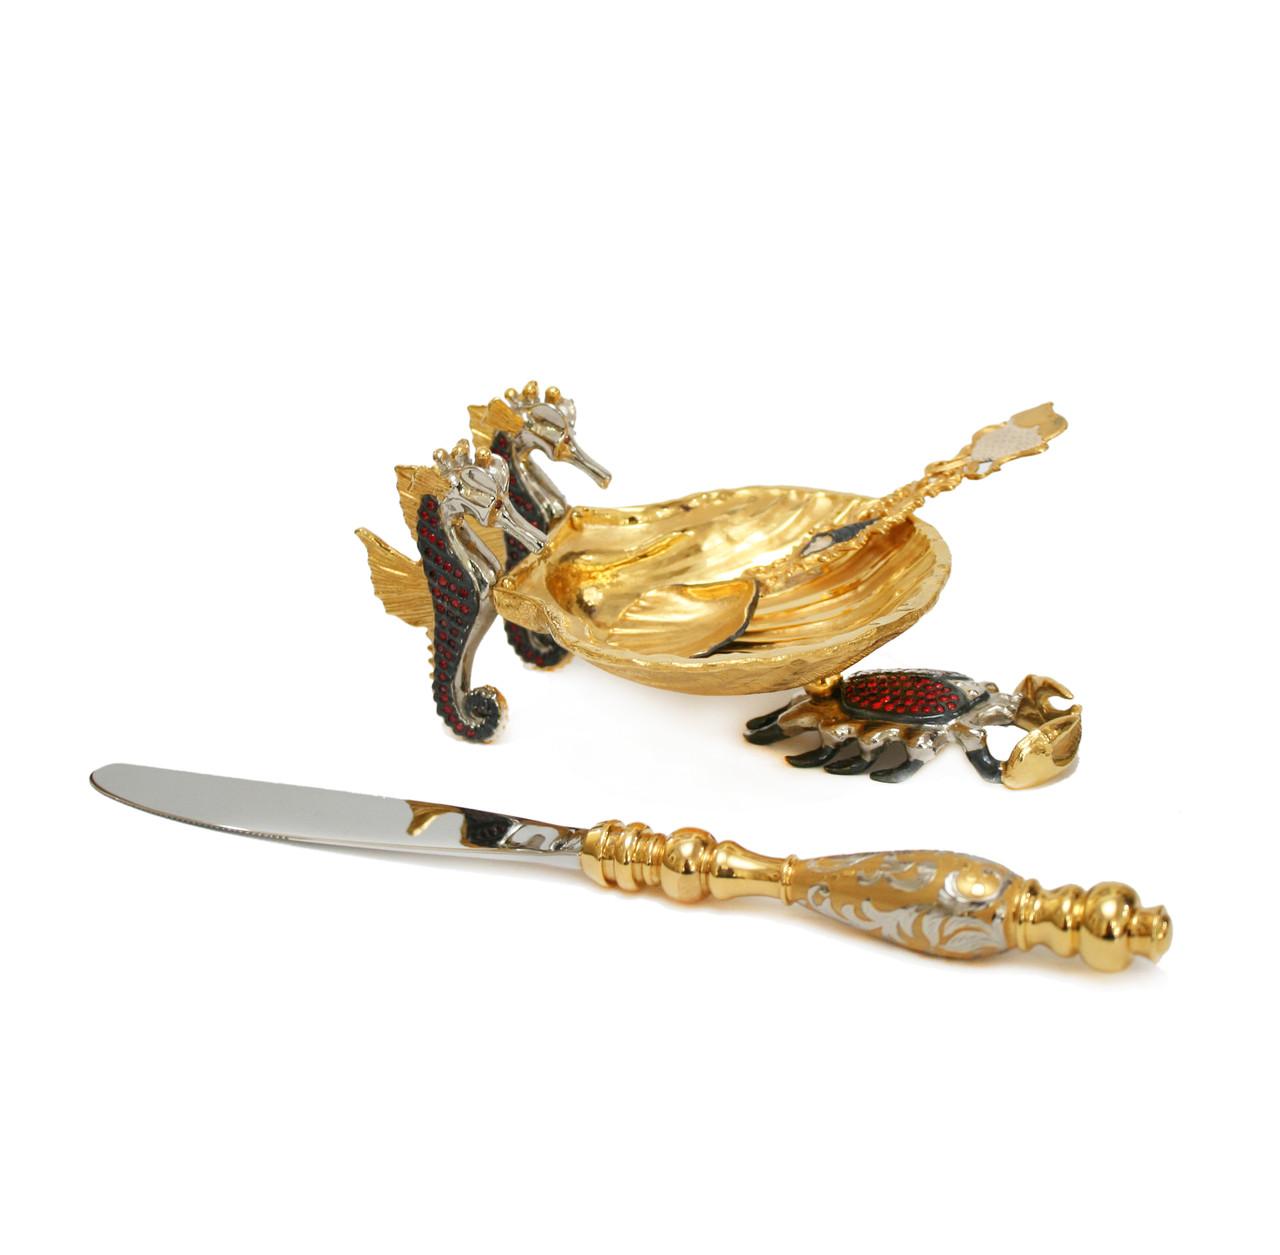 Икорница Краб. Ручная работа, золото, никель